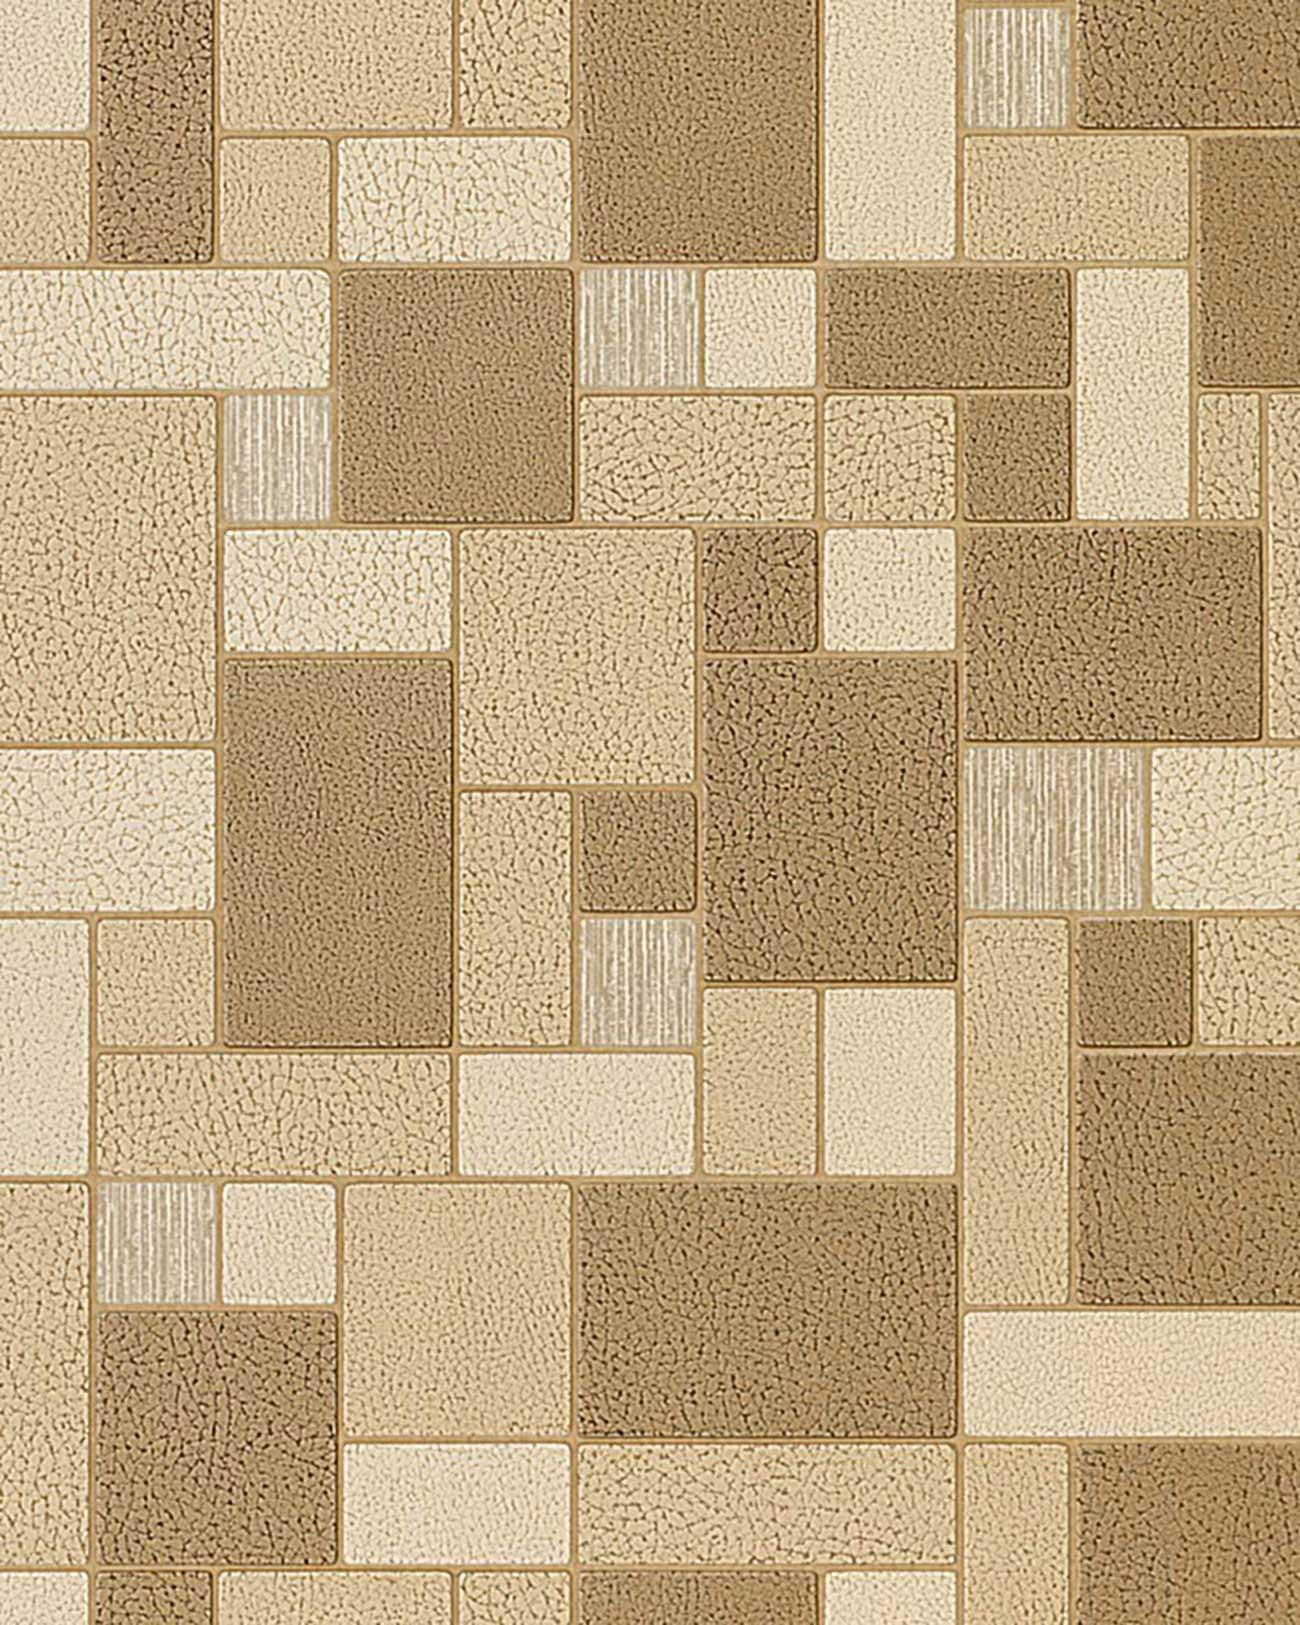 Baños Azulejos Beige:Brown Beige Mosaic Wall Tile